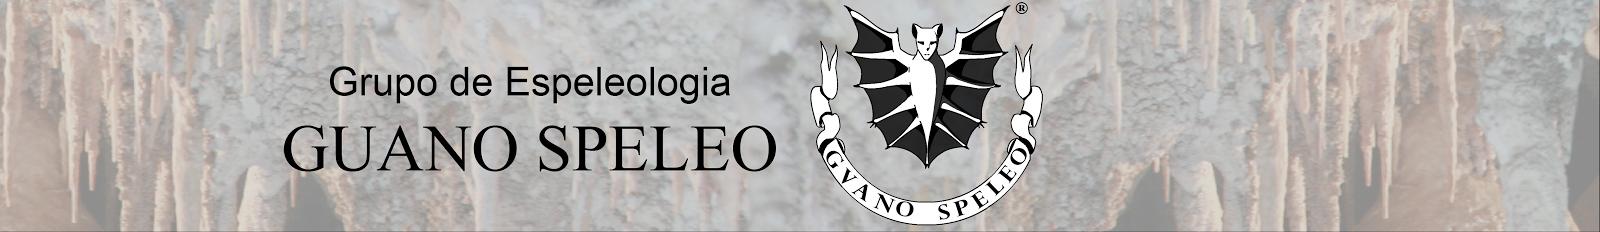 Guano Speleo